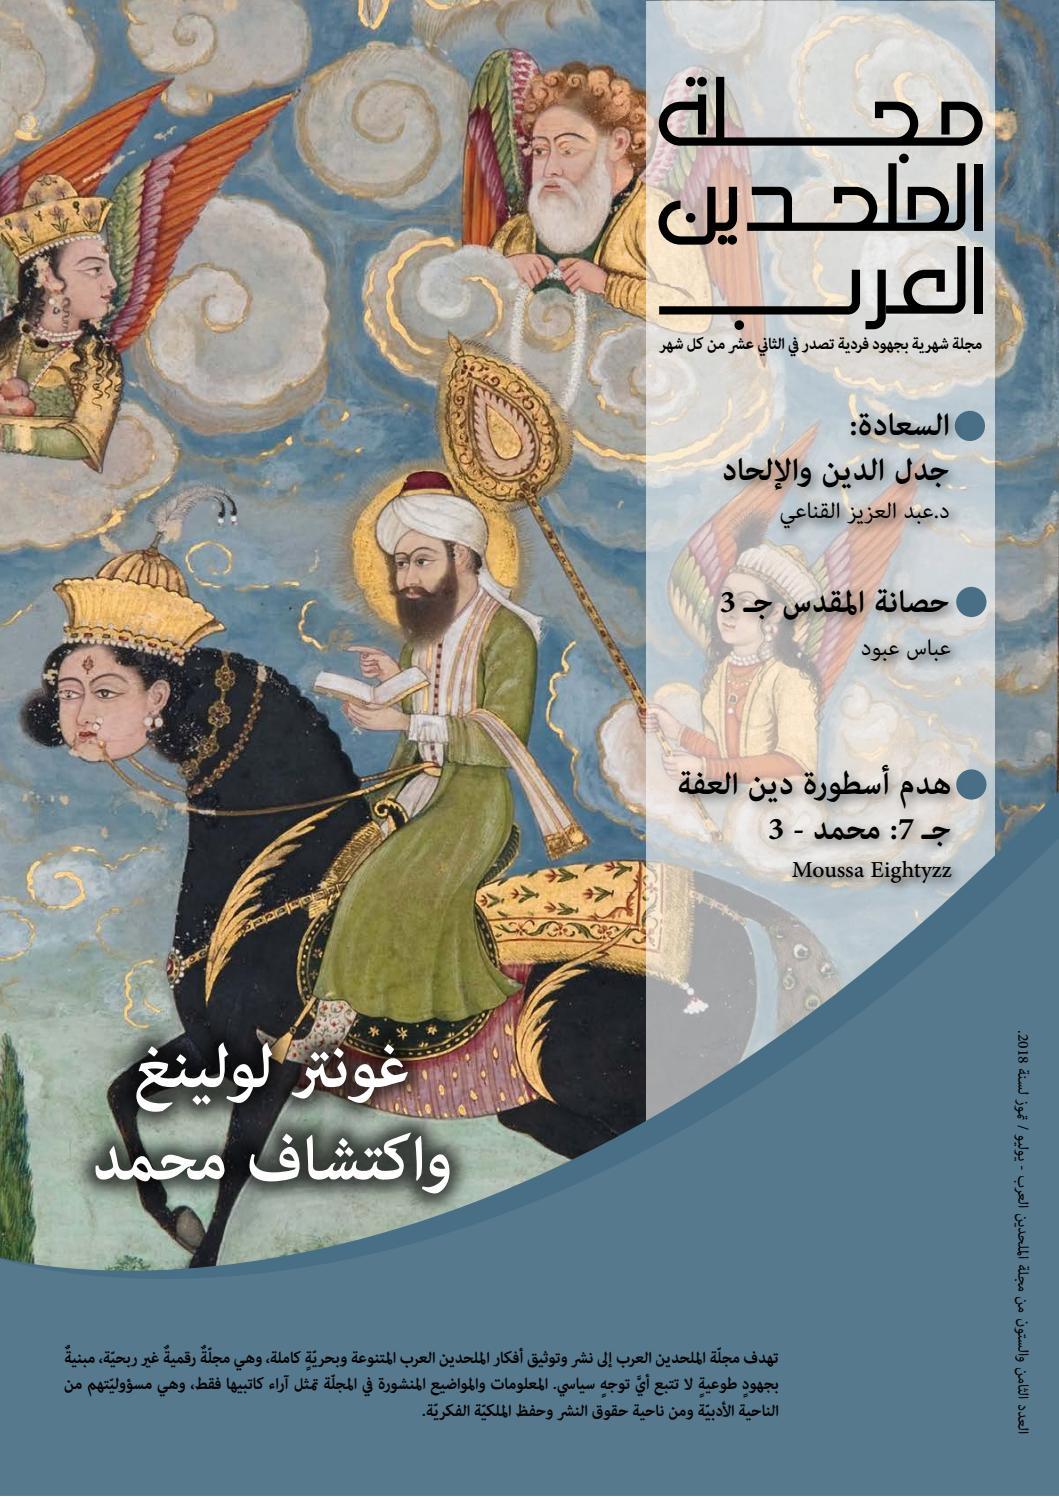 مجلة الملحدين العرب العدد الثامن والستون يوليو تموز 2018 By